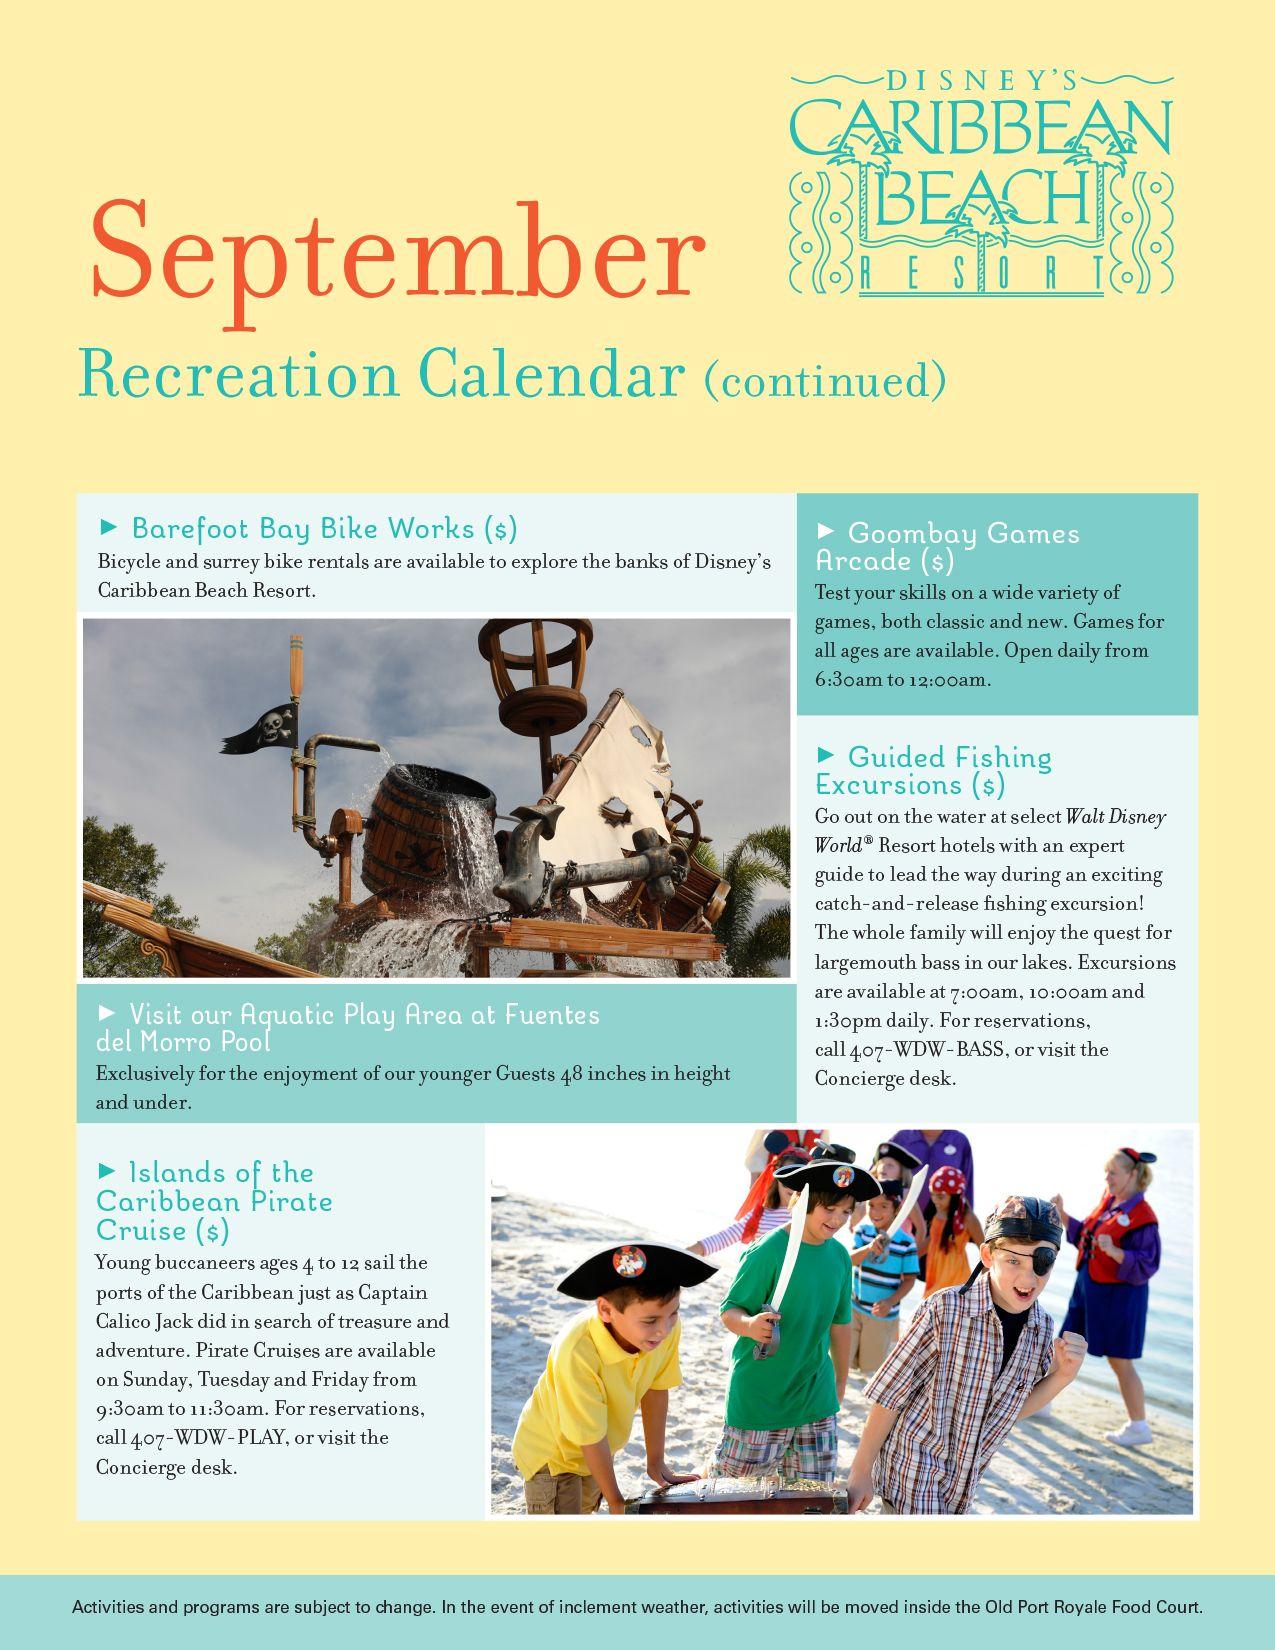 Caribbean Beach Resort Recreation Activities Calendar September 2017 Disney World Menus Crowd